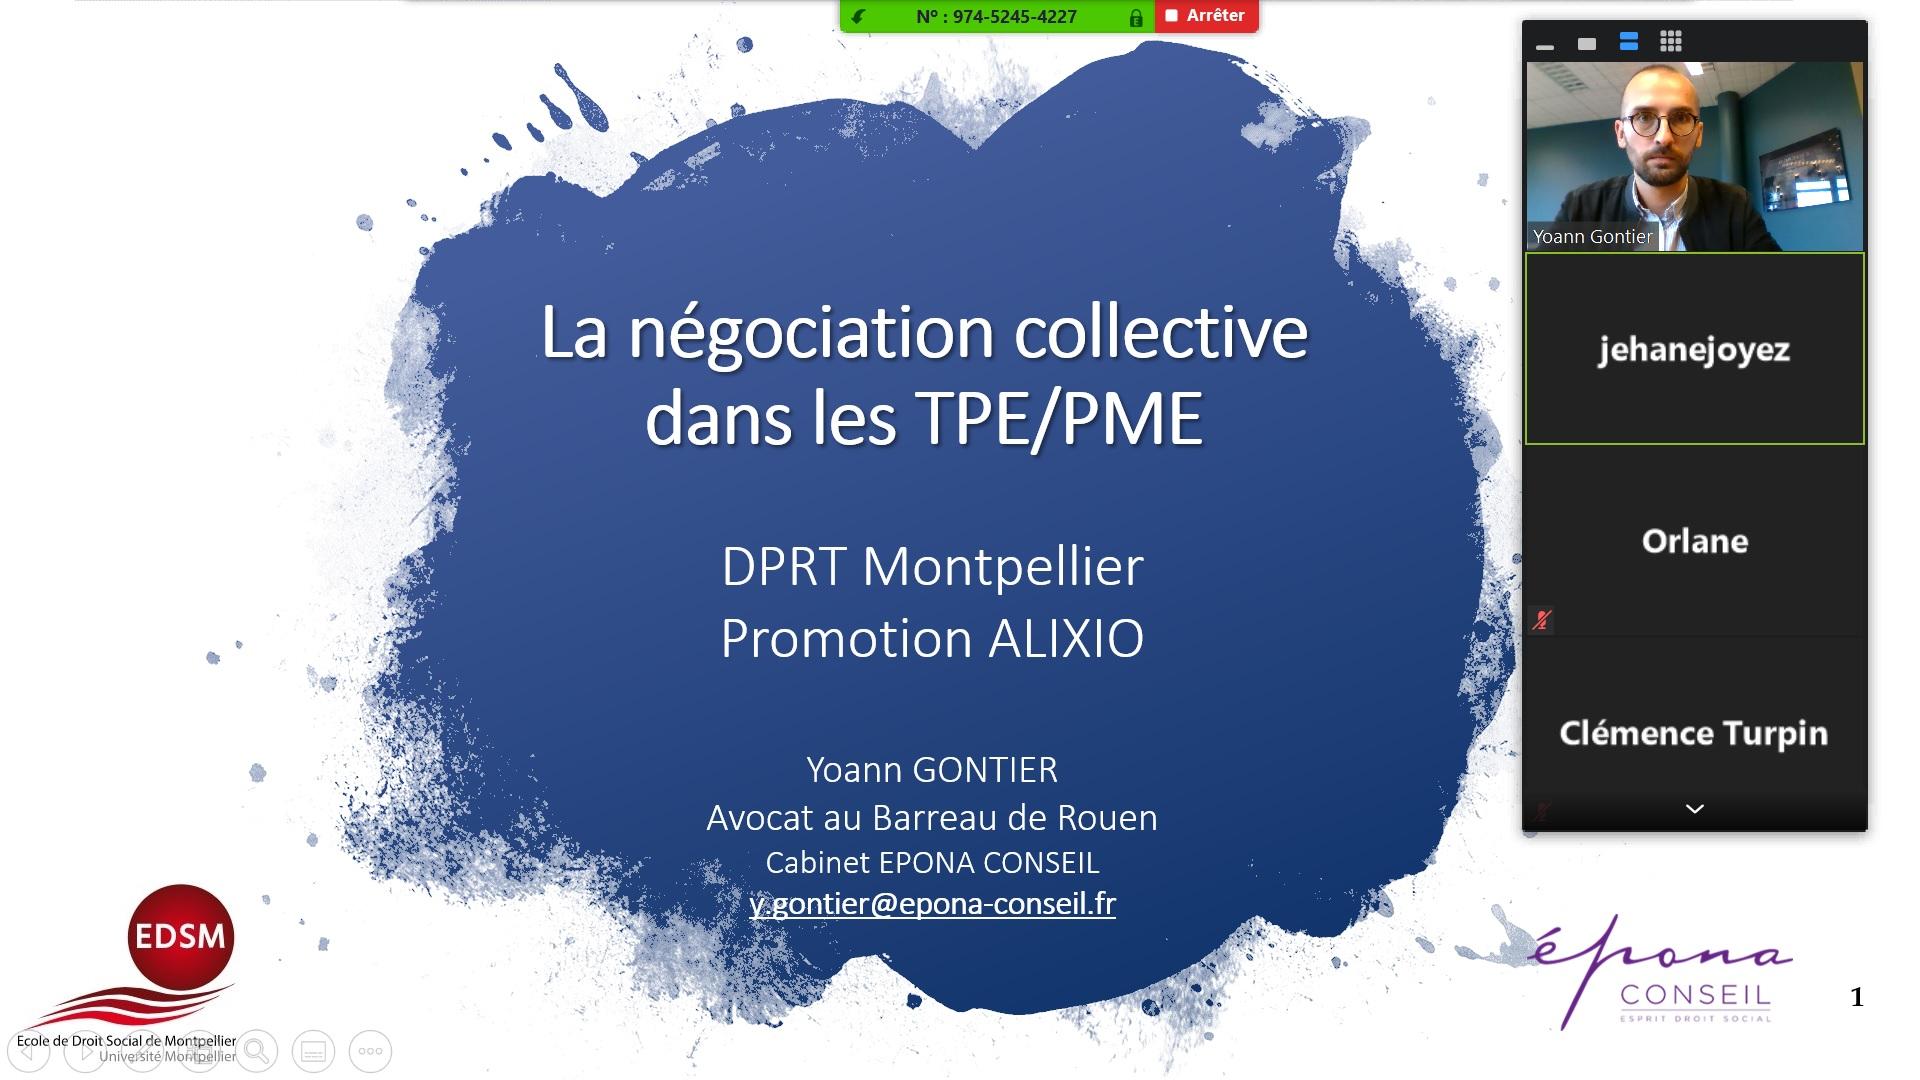 Négociation collective dans les TPE/PME